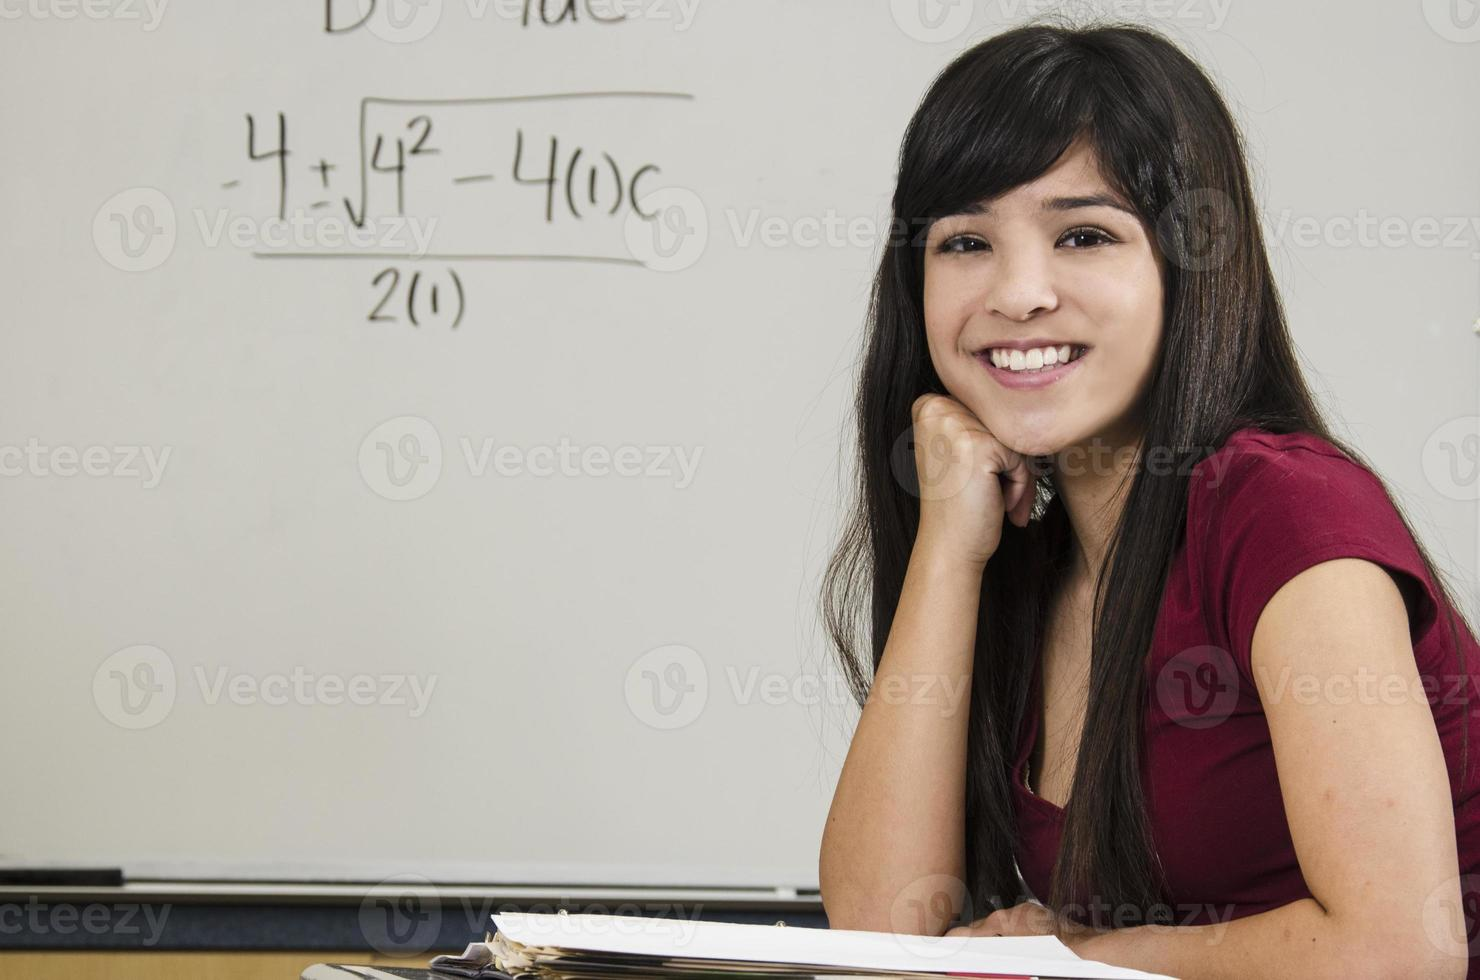 étudiant en mathématiques asiatique photo